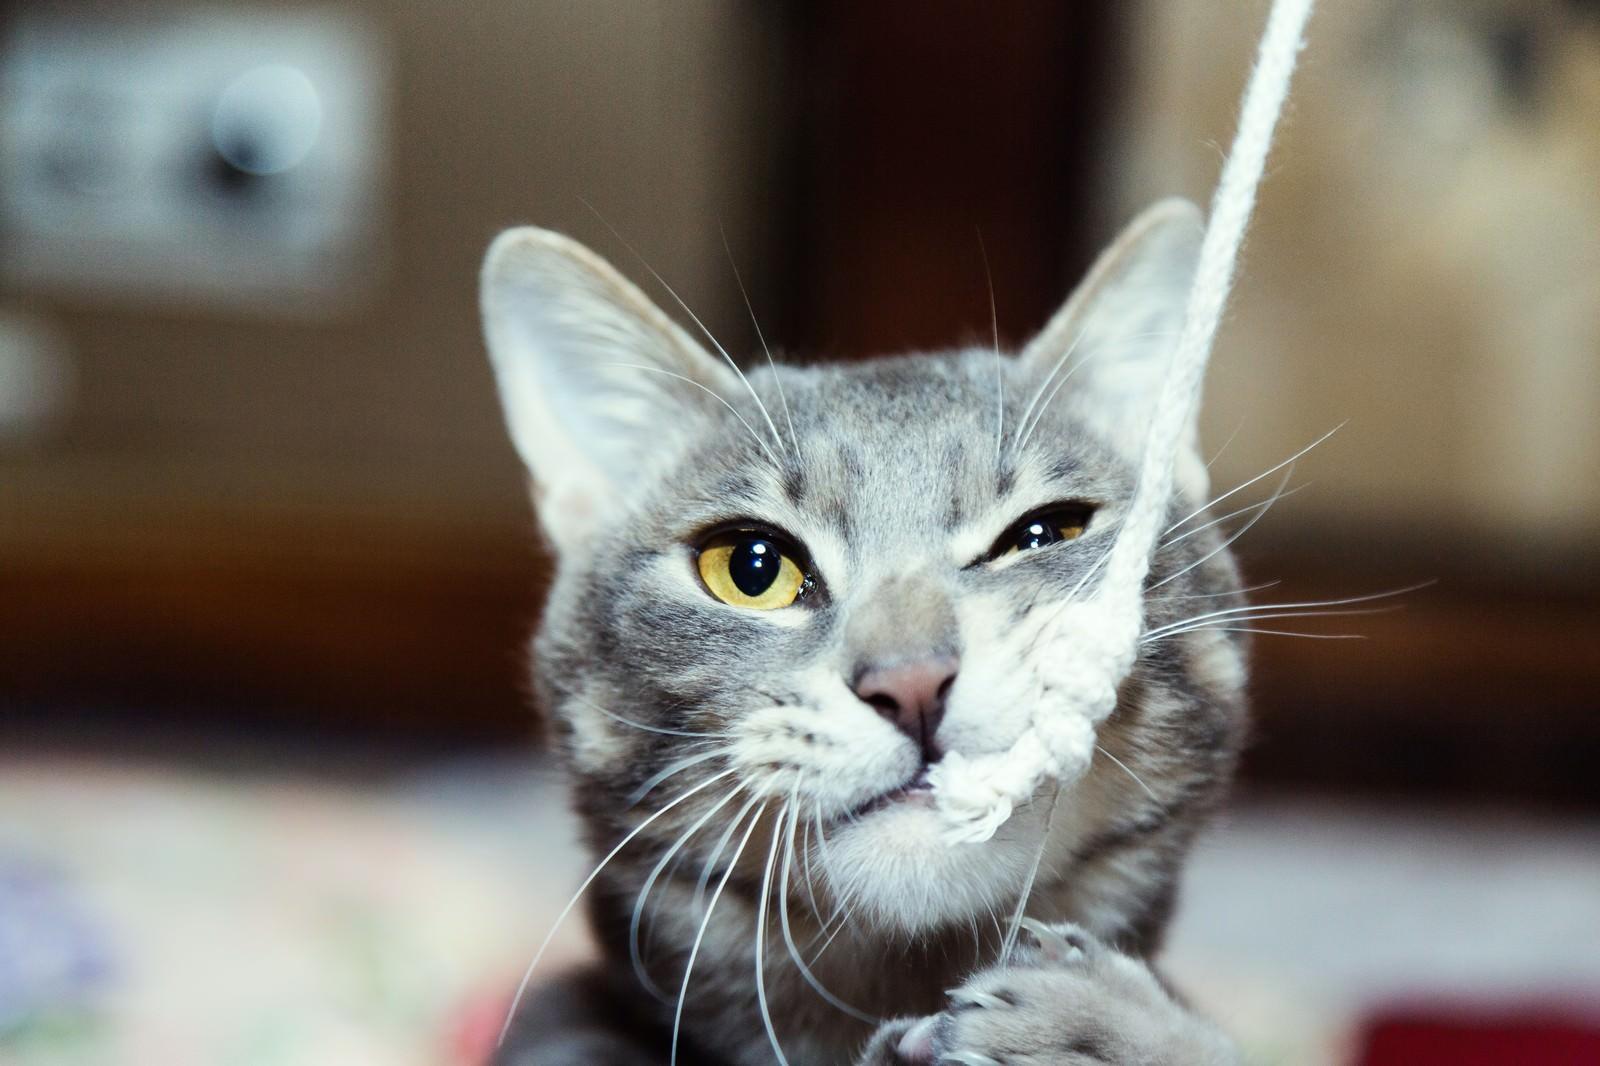 「でかい釣り針に見事釣られた猫 | 写真の無料素材・フリー素材 - ぱくたそ」の写真